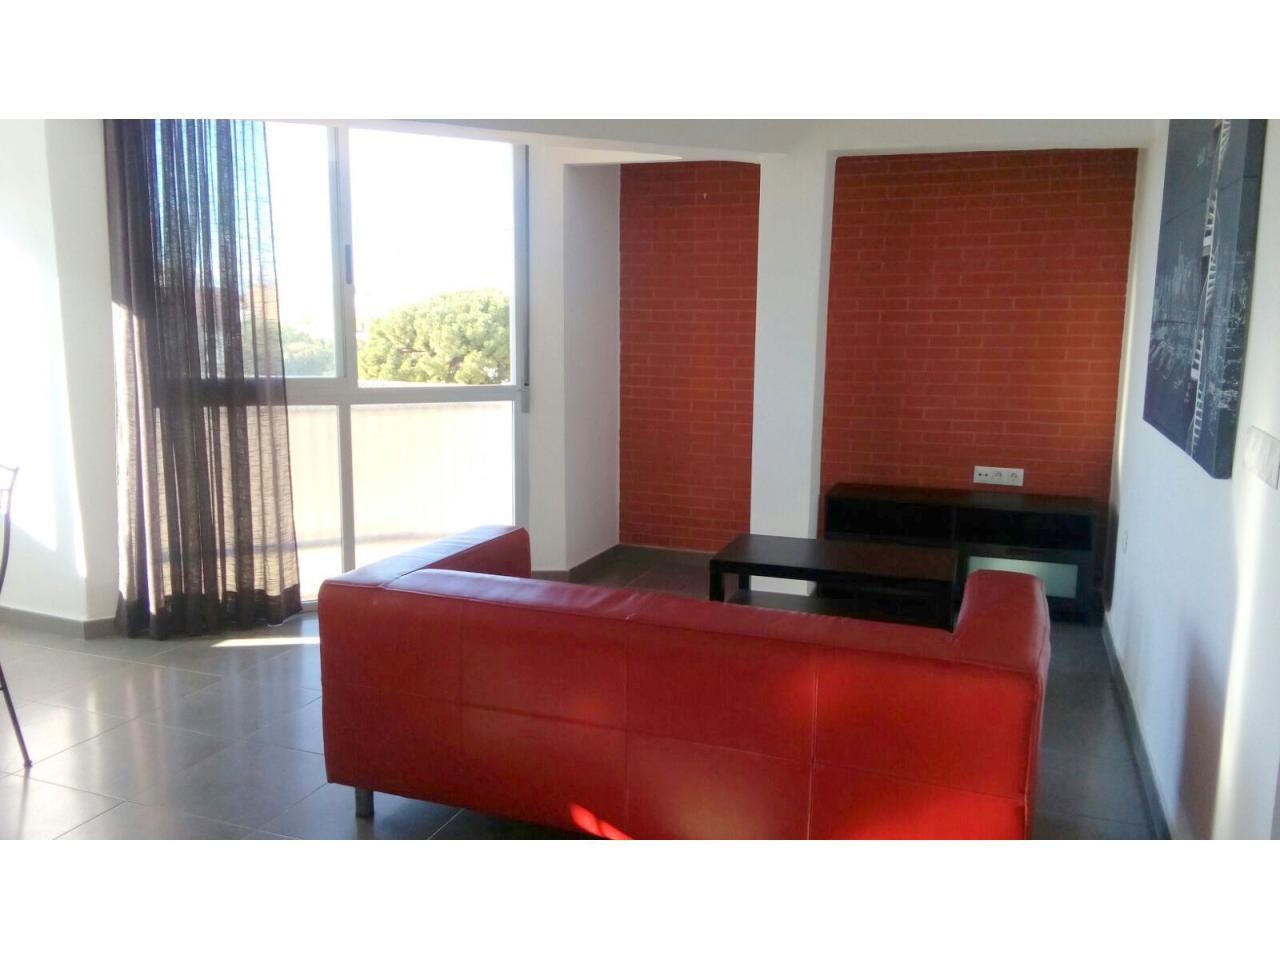 Appartement à louer à Moncada – Réf.001177